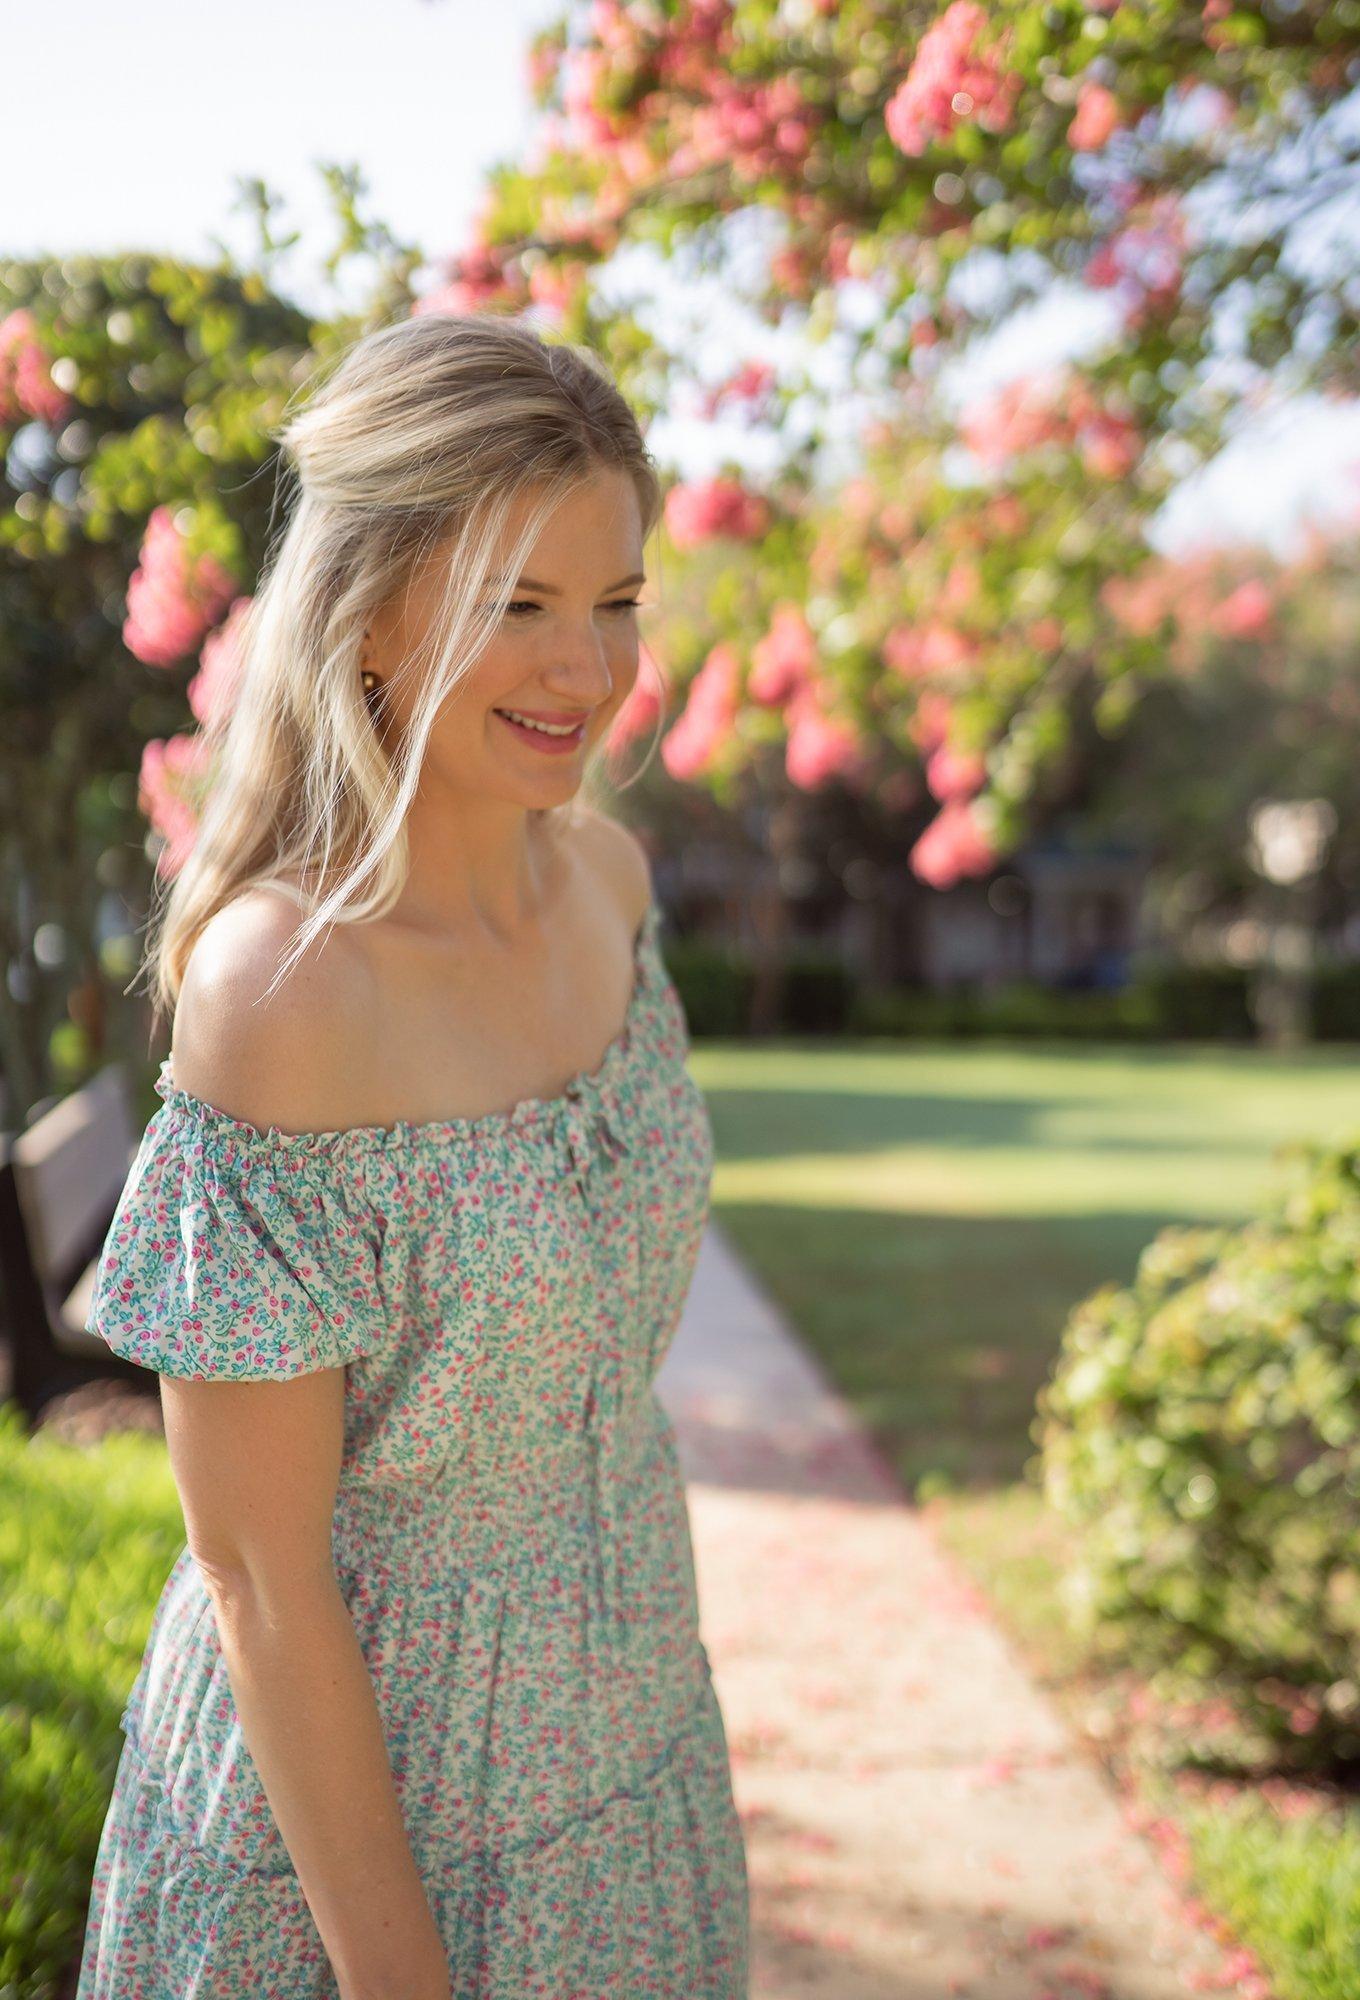 Ashley Brooke in floral smocked dress